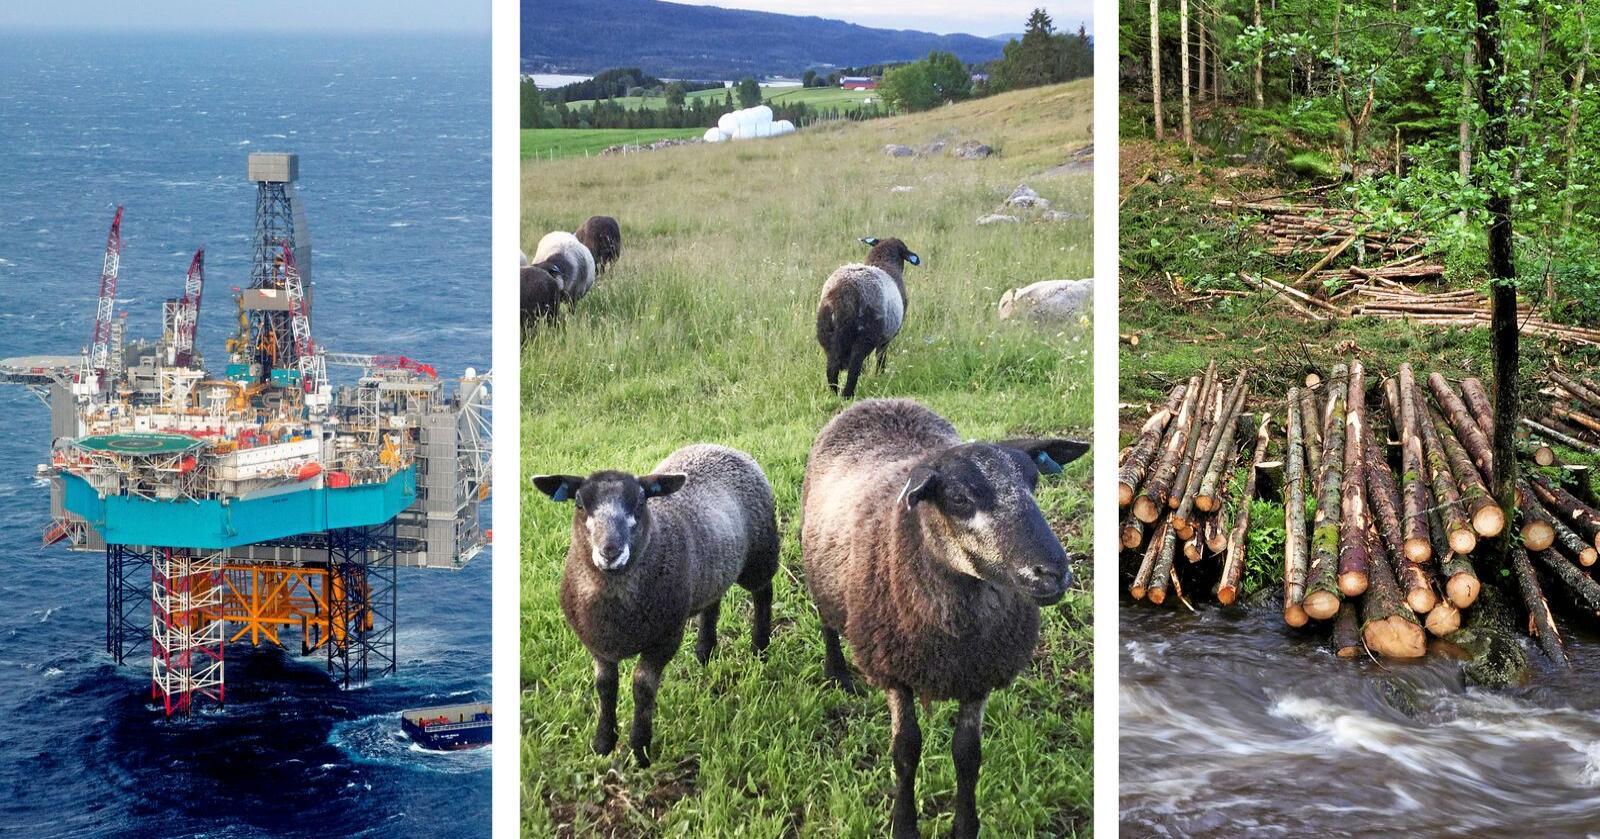 Sps Ola Borten Moe opplever at næringer som baserer seg på naturressurser opplever stadig større press. Foto: Mosvold Larsen (NTB scanpix)/Tvete/Juell Rasmussen